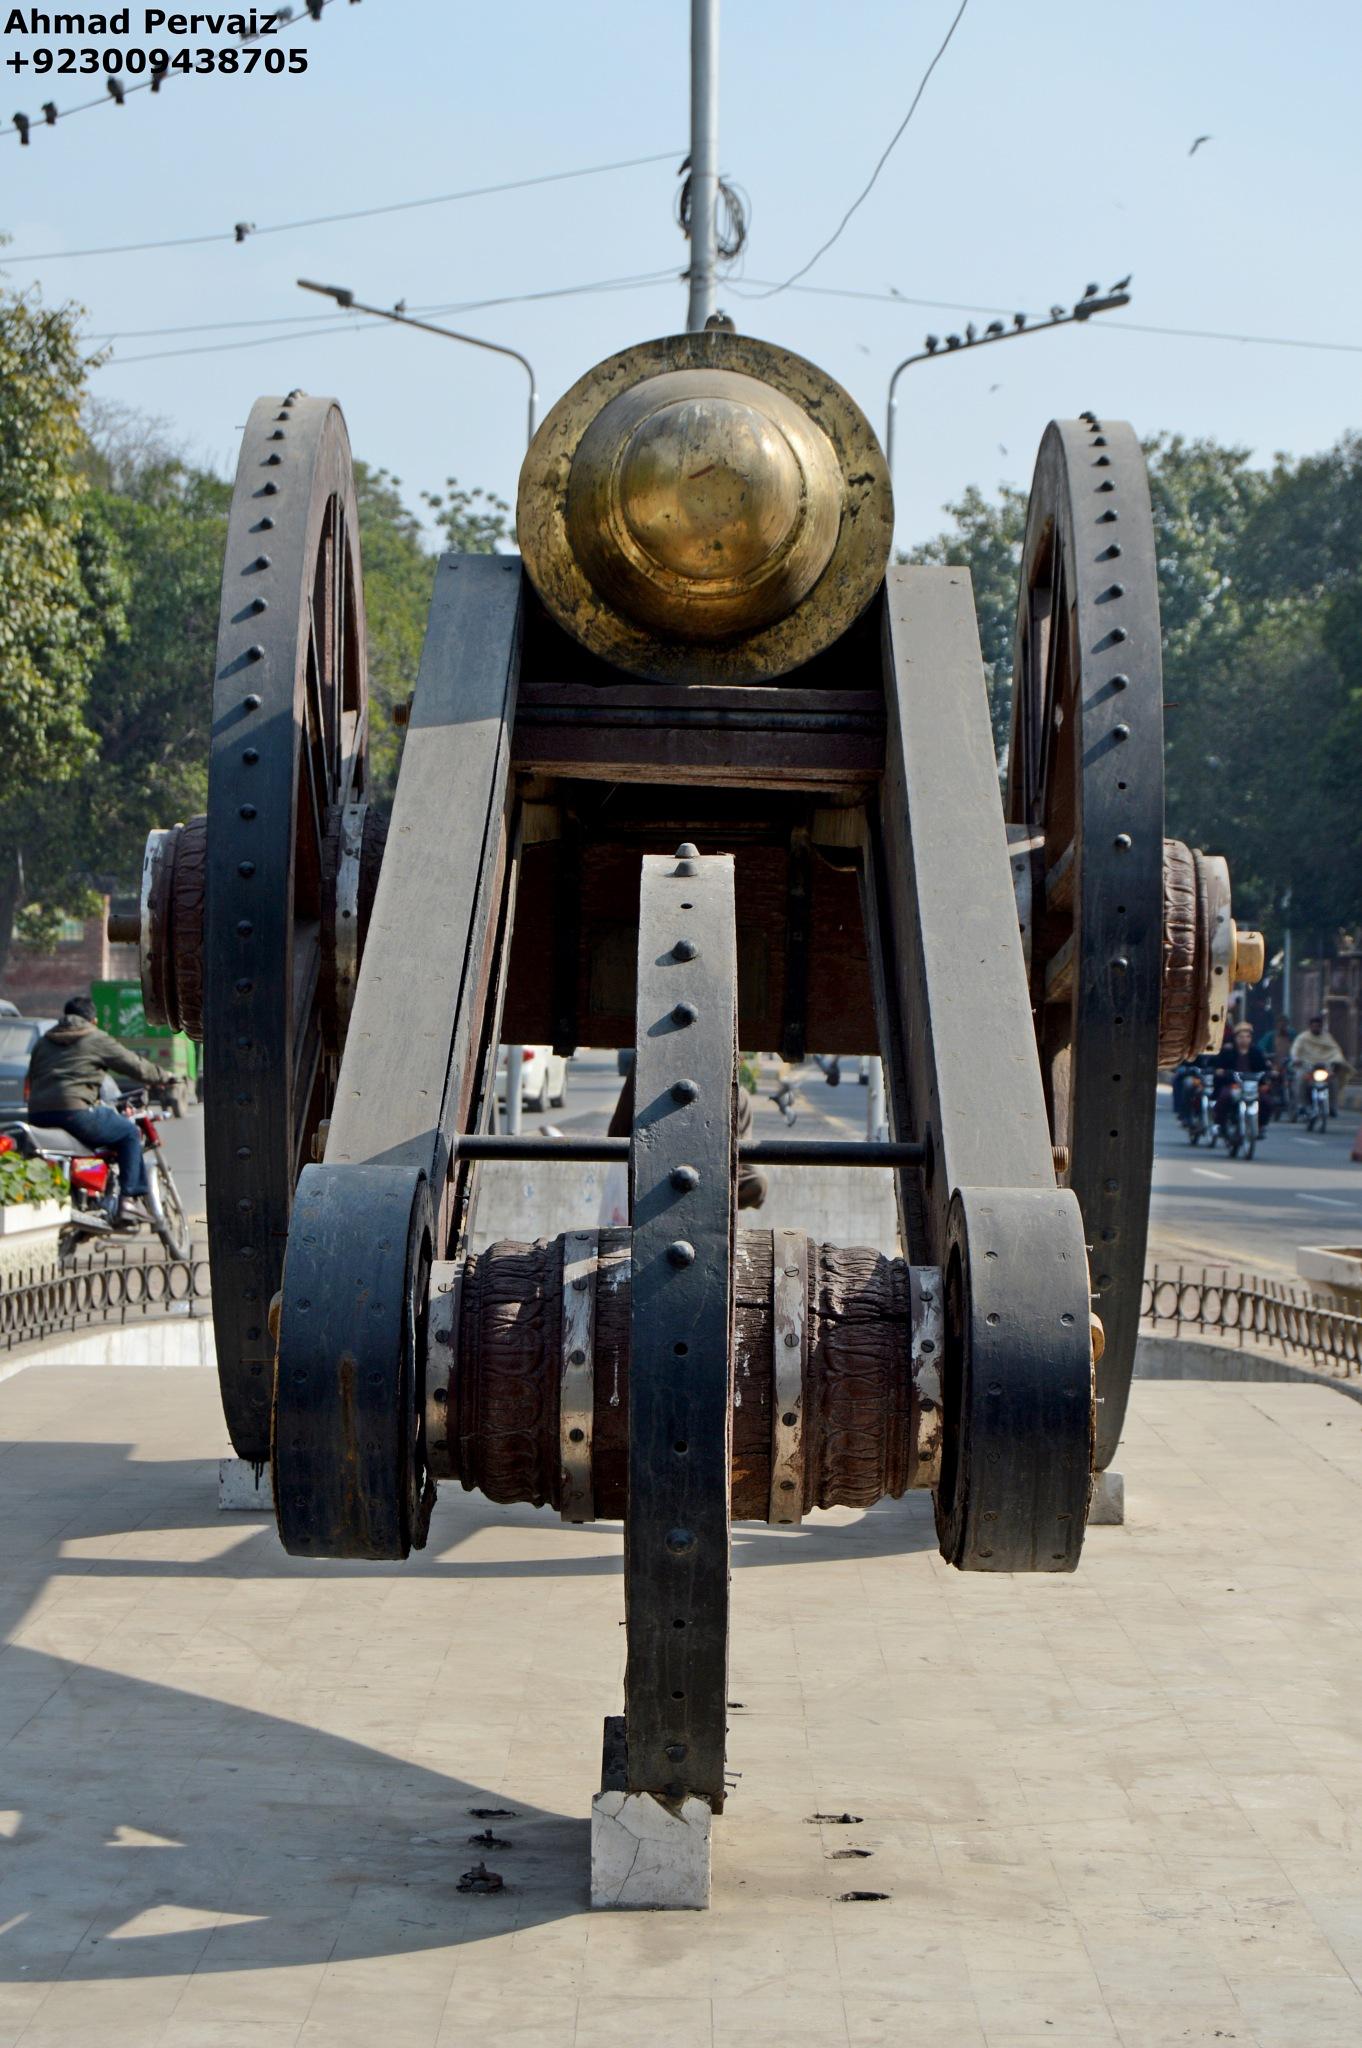 The Zamzama Cannon by pervaiz_jiu-jitsu